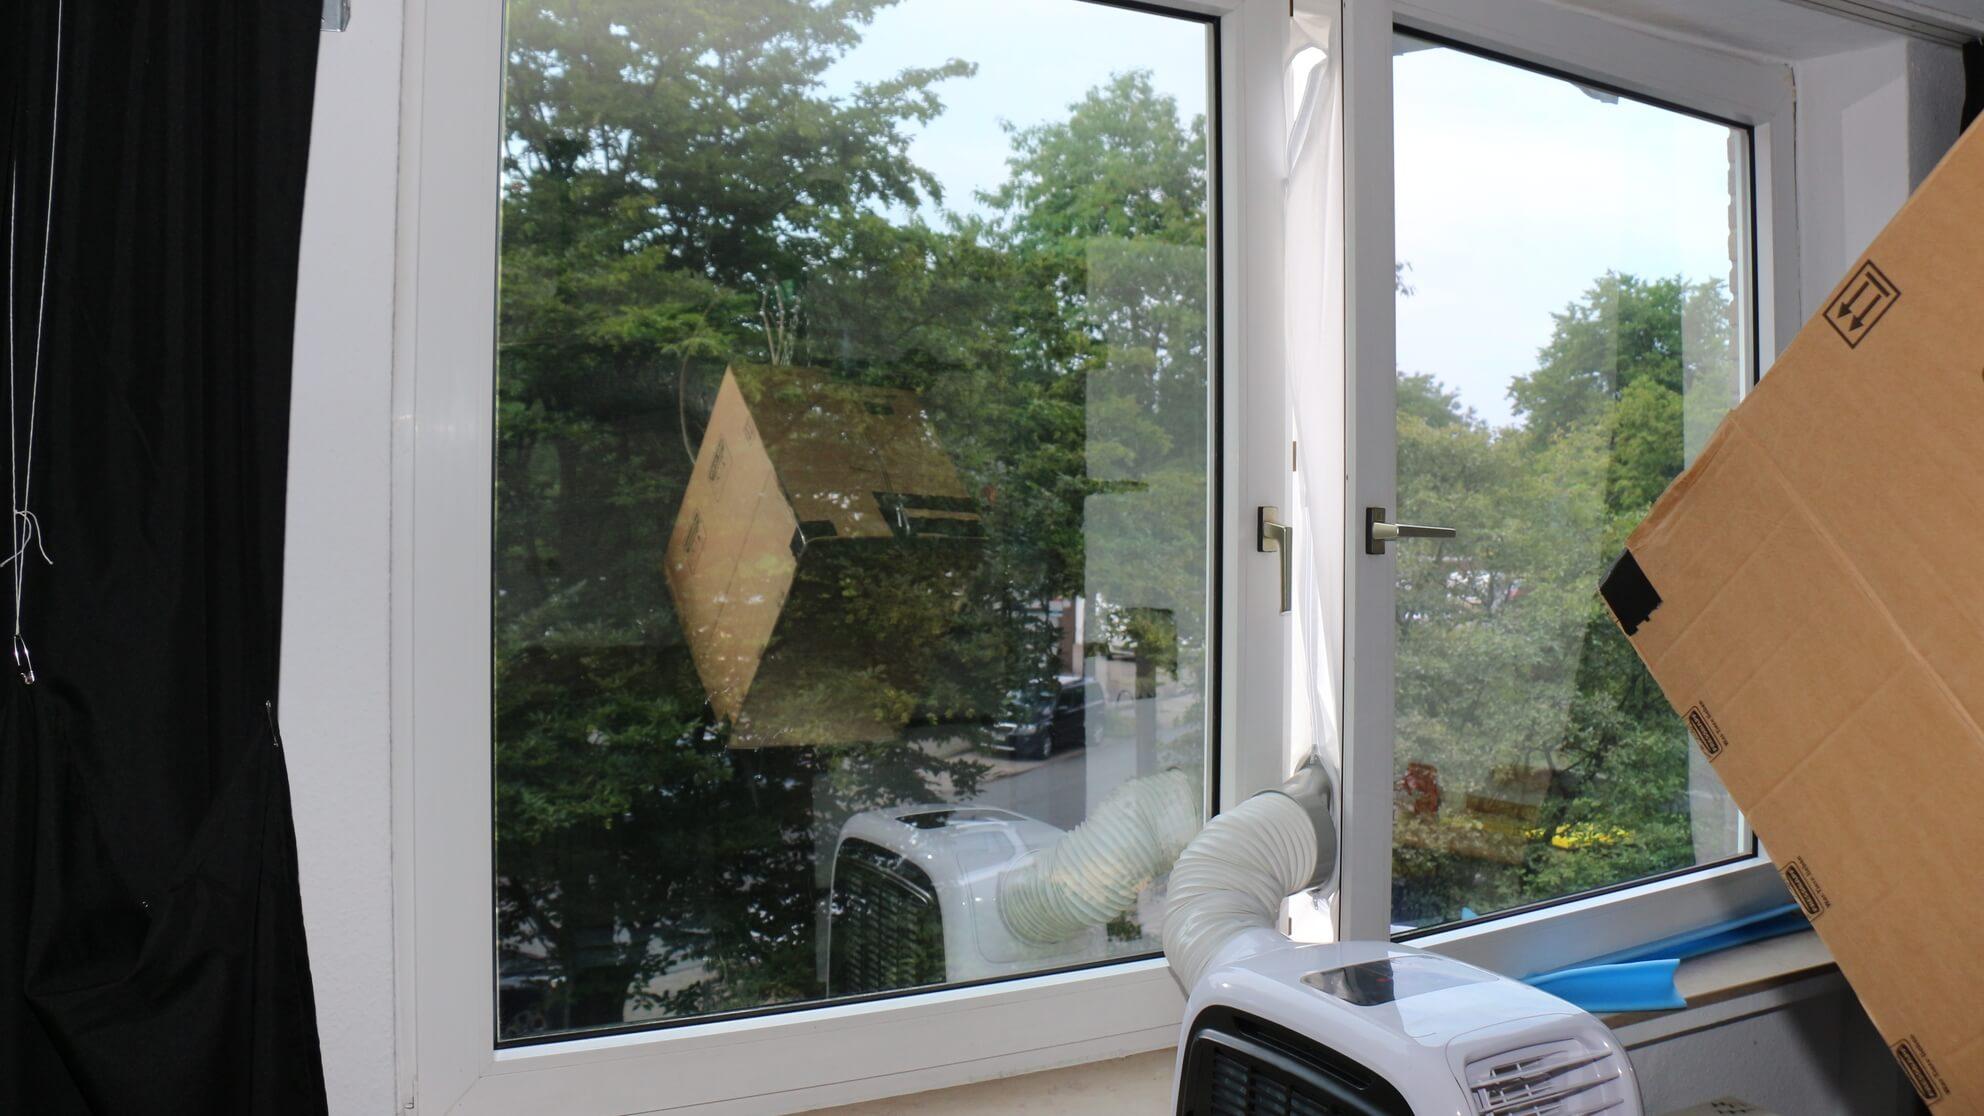 Klimaanlage vor Fenster – keine warme Frischluft durch die Wohnung anziehen